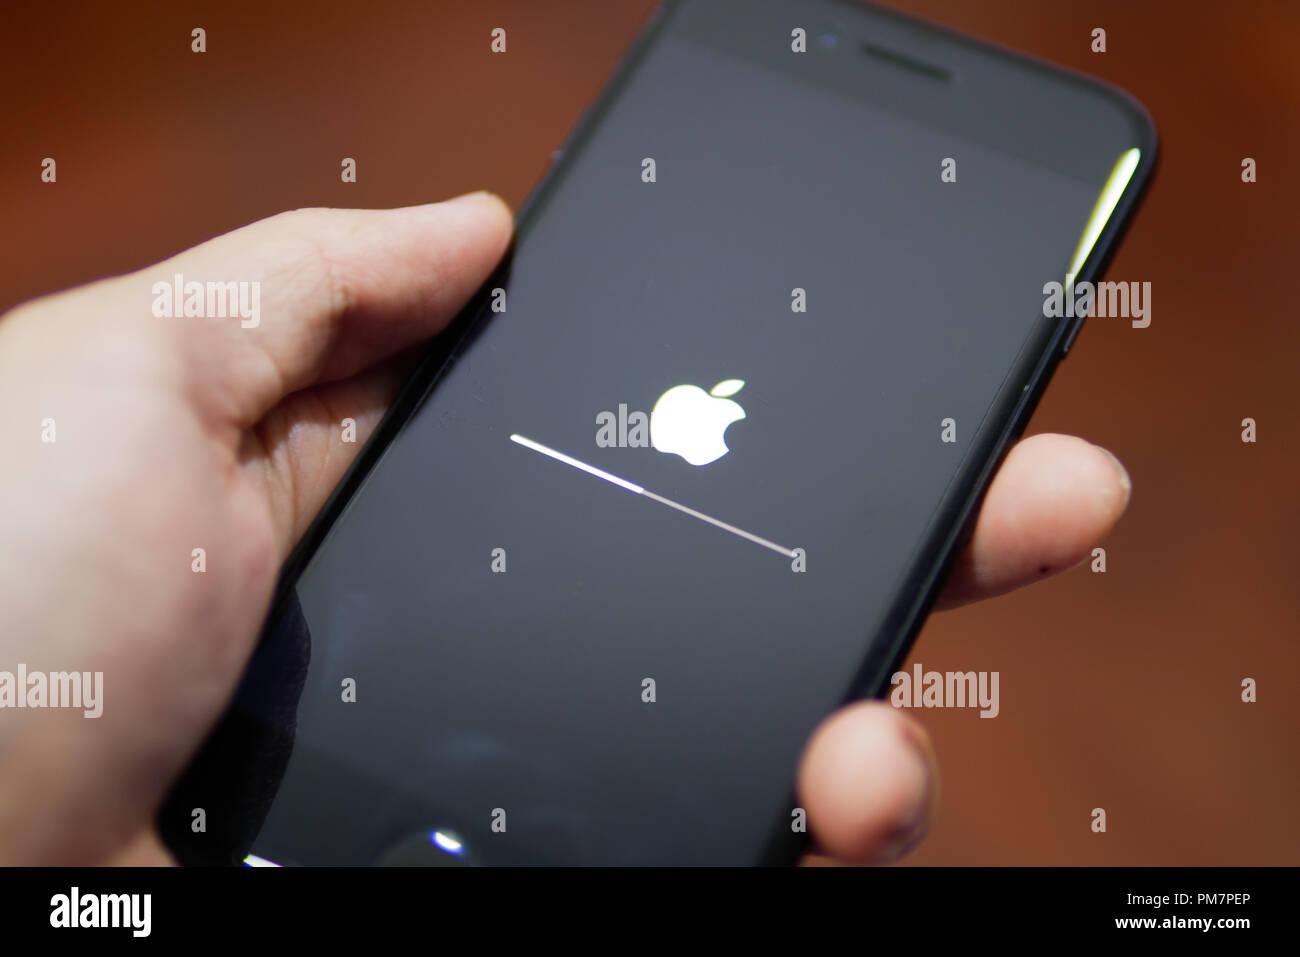 Bangkok, Thaïlande - 18 septembre 2018: Apple iPhone 7 montrant l'écran avec logo Apple lorsqu'il est en cours de mise à jour du logiciel pour iOS 12. Photo Stock